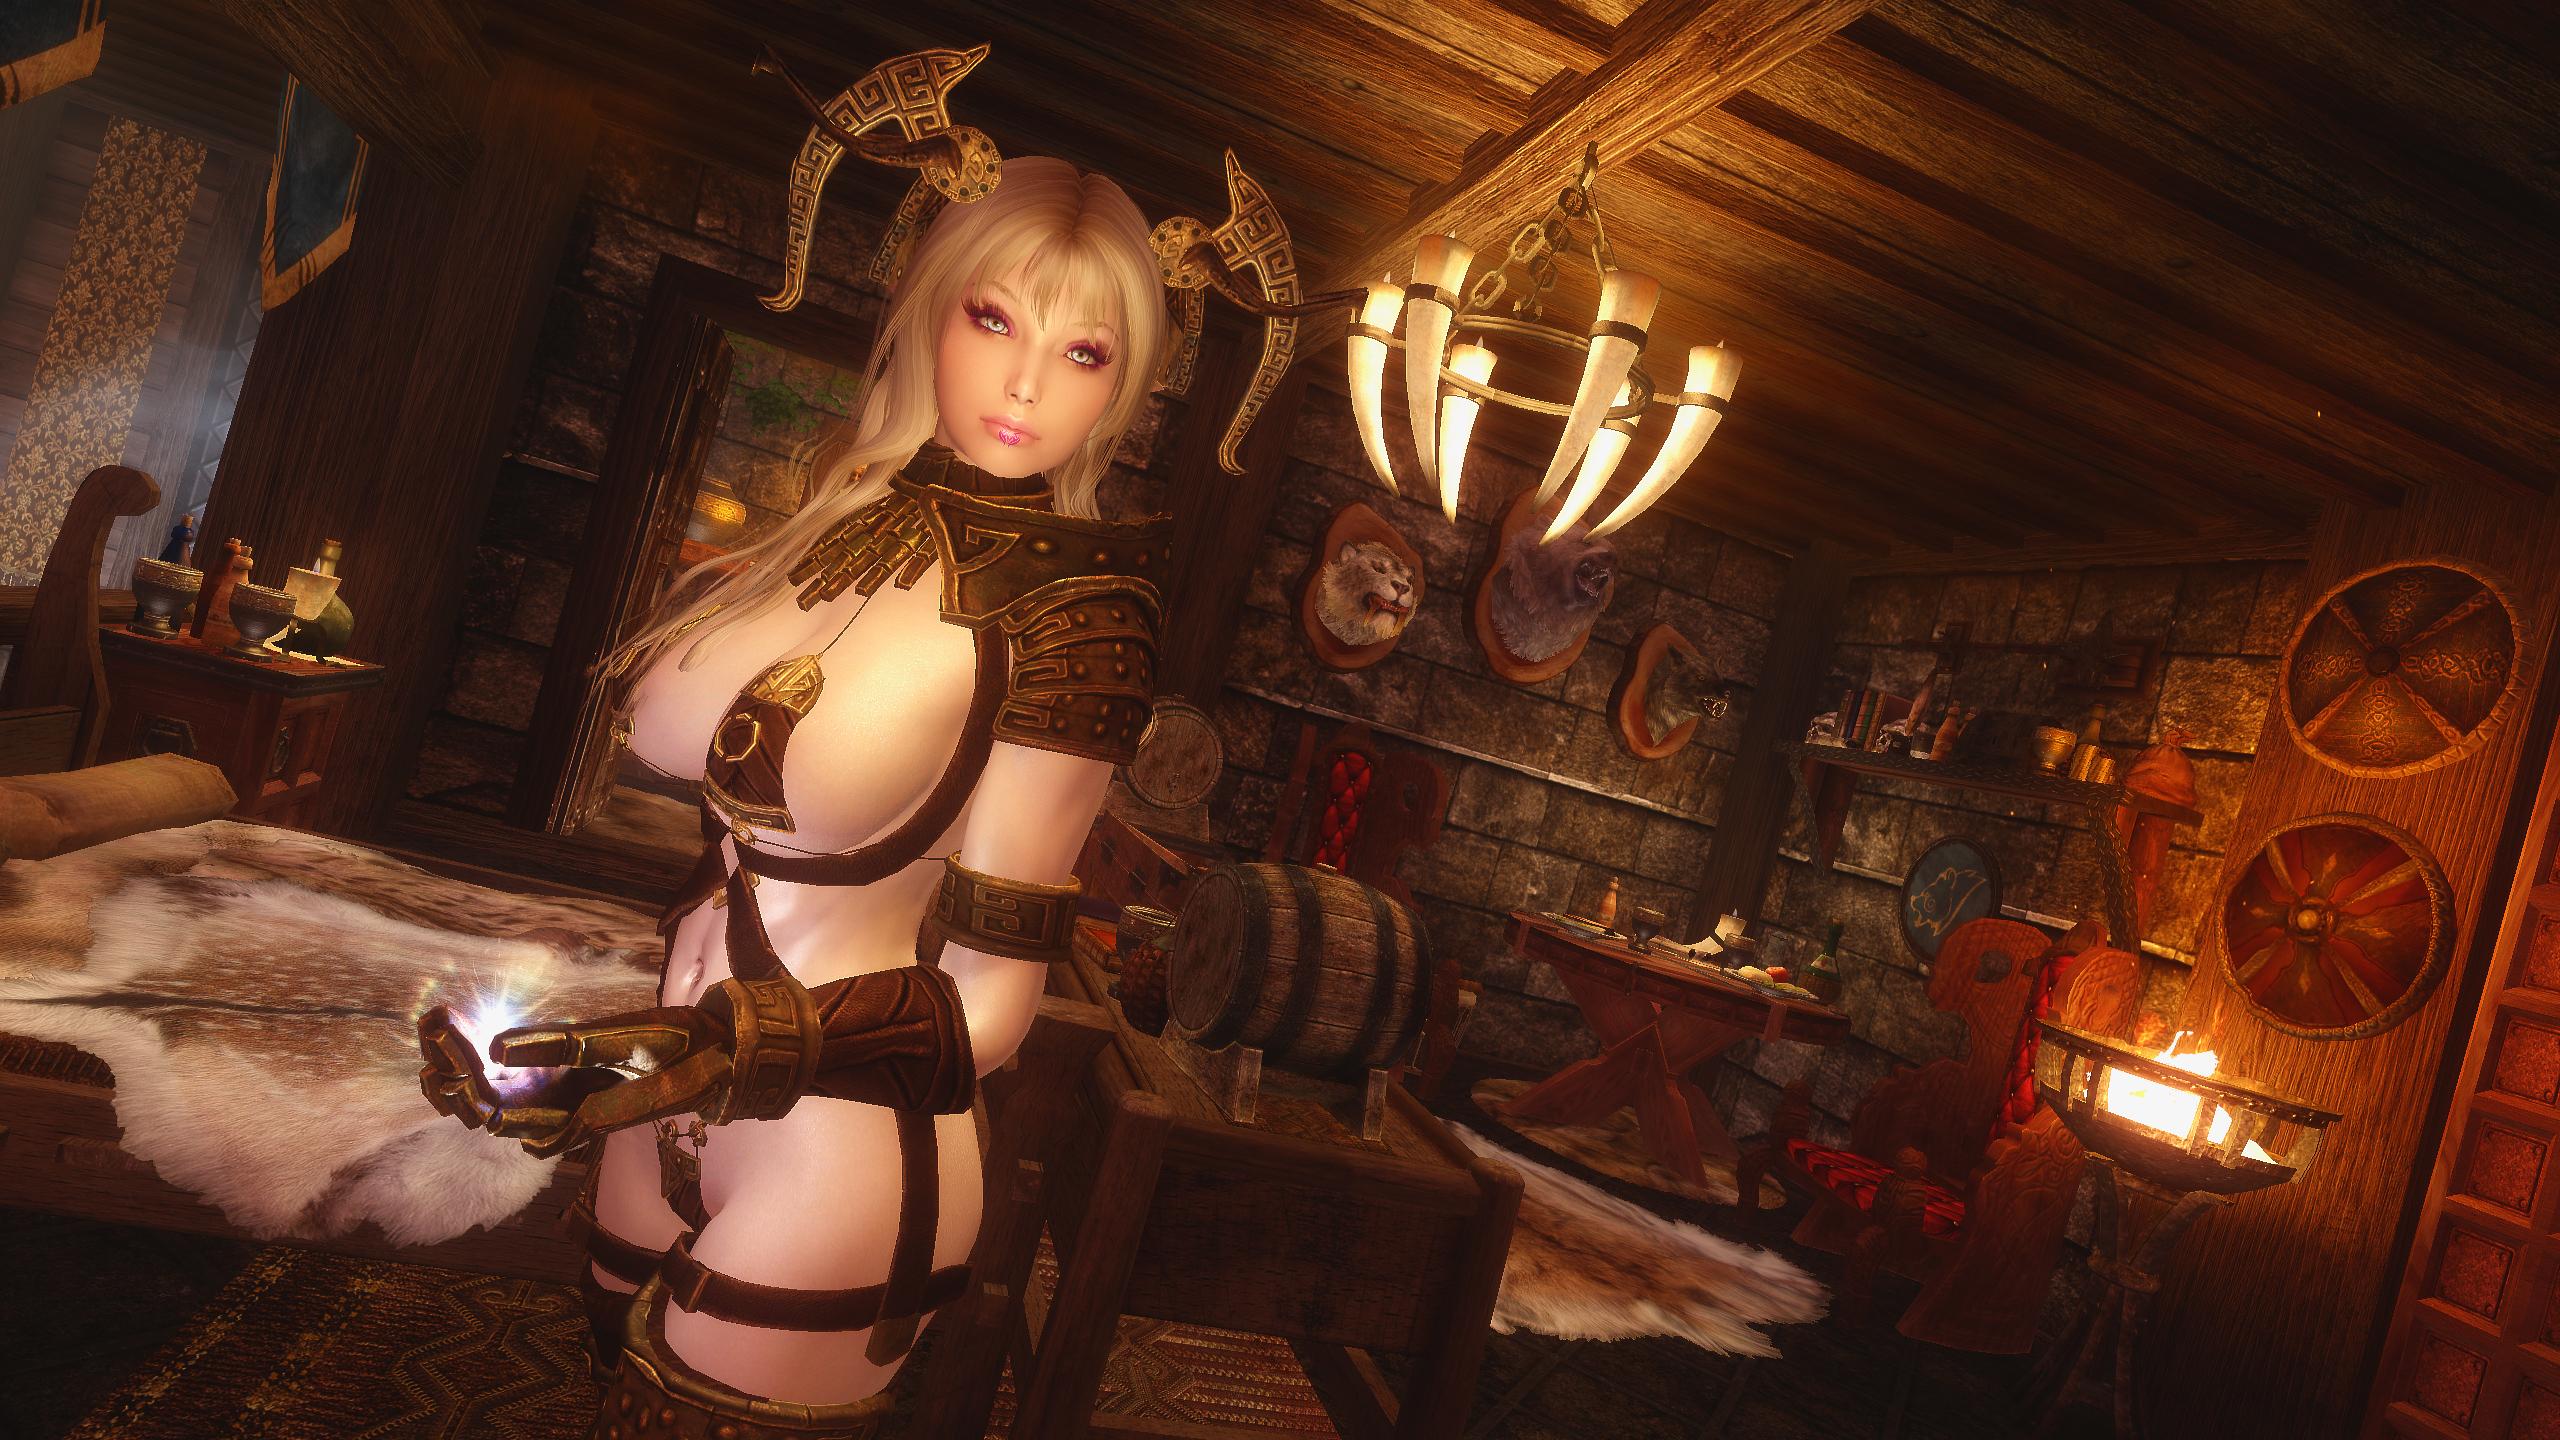 Lene... - Elder Scrolls 5: Skyrim, the